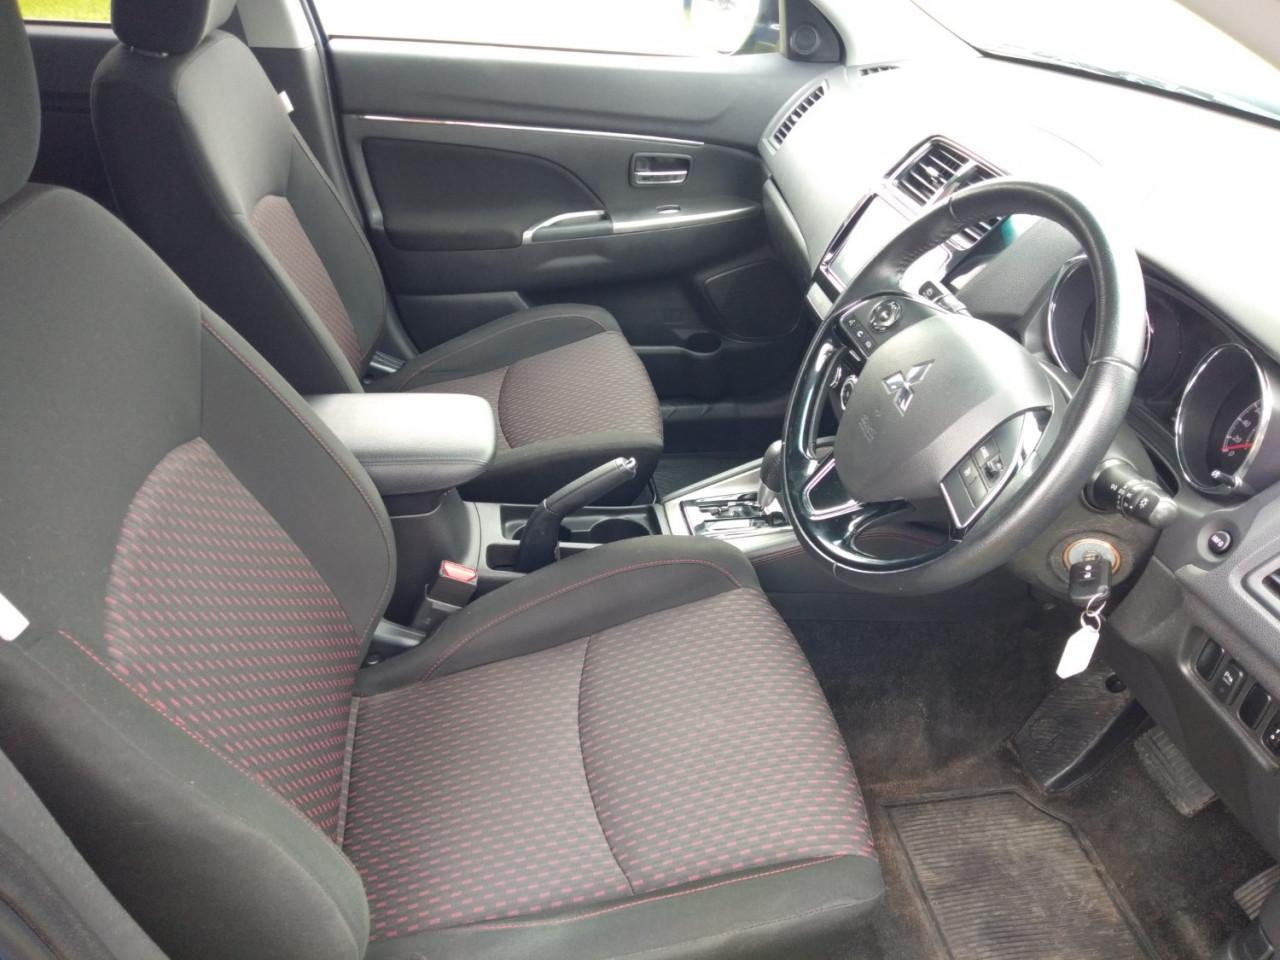 2017 MY18 Mitsubishi ASX XC MY18 LS Suv Image 7